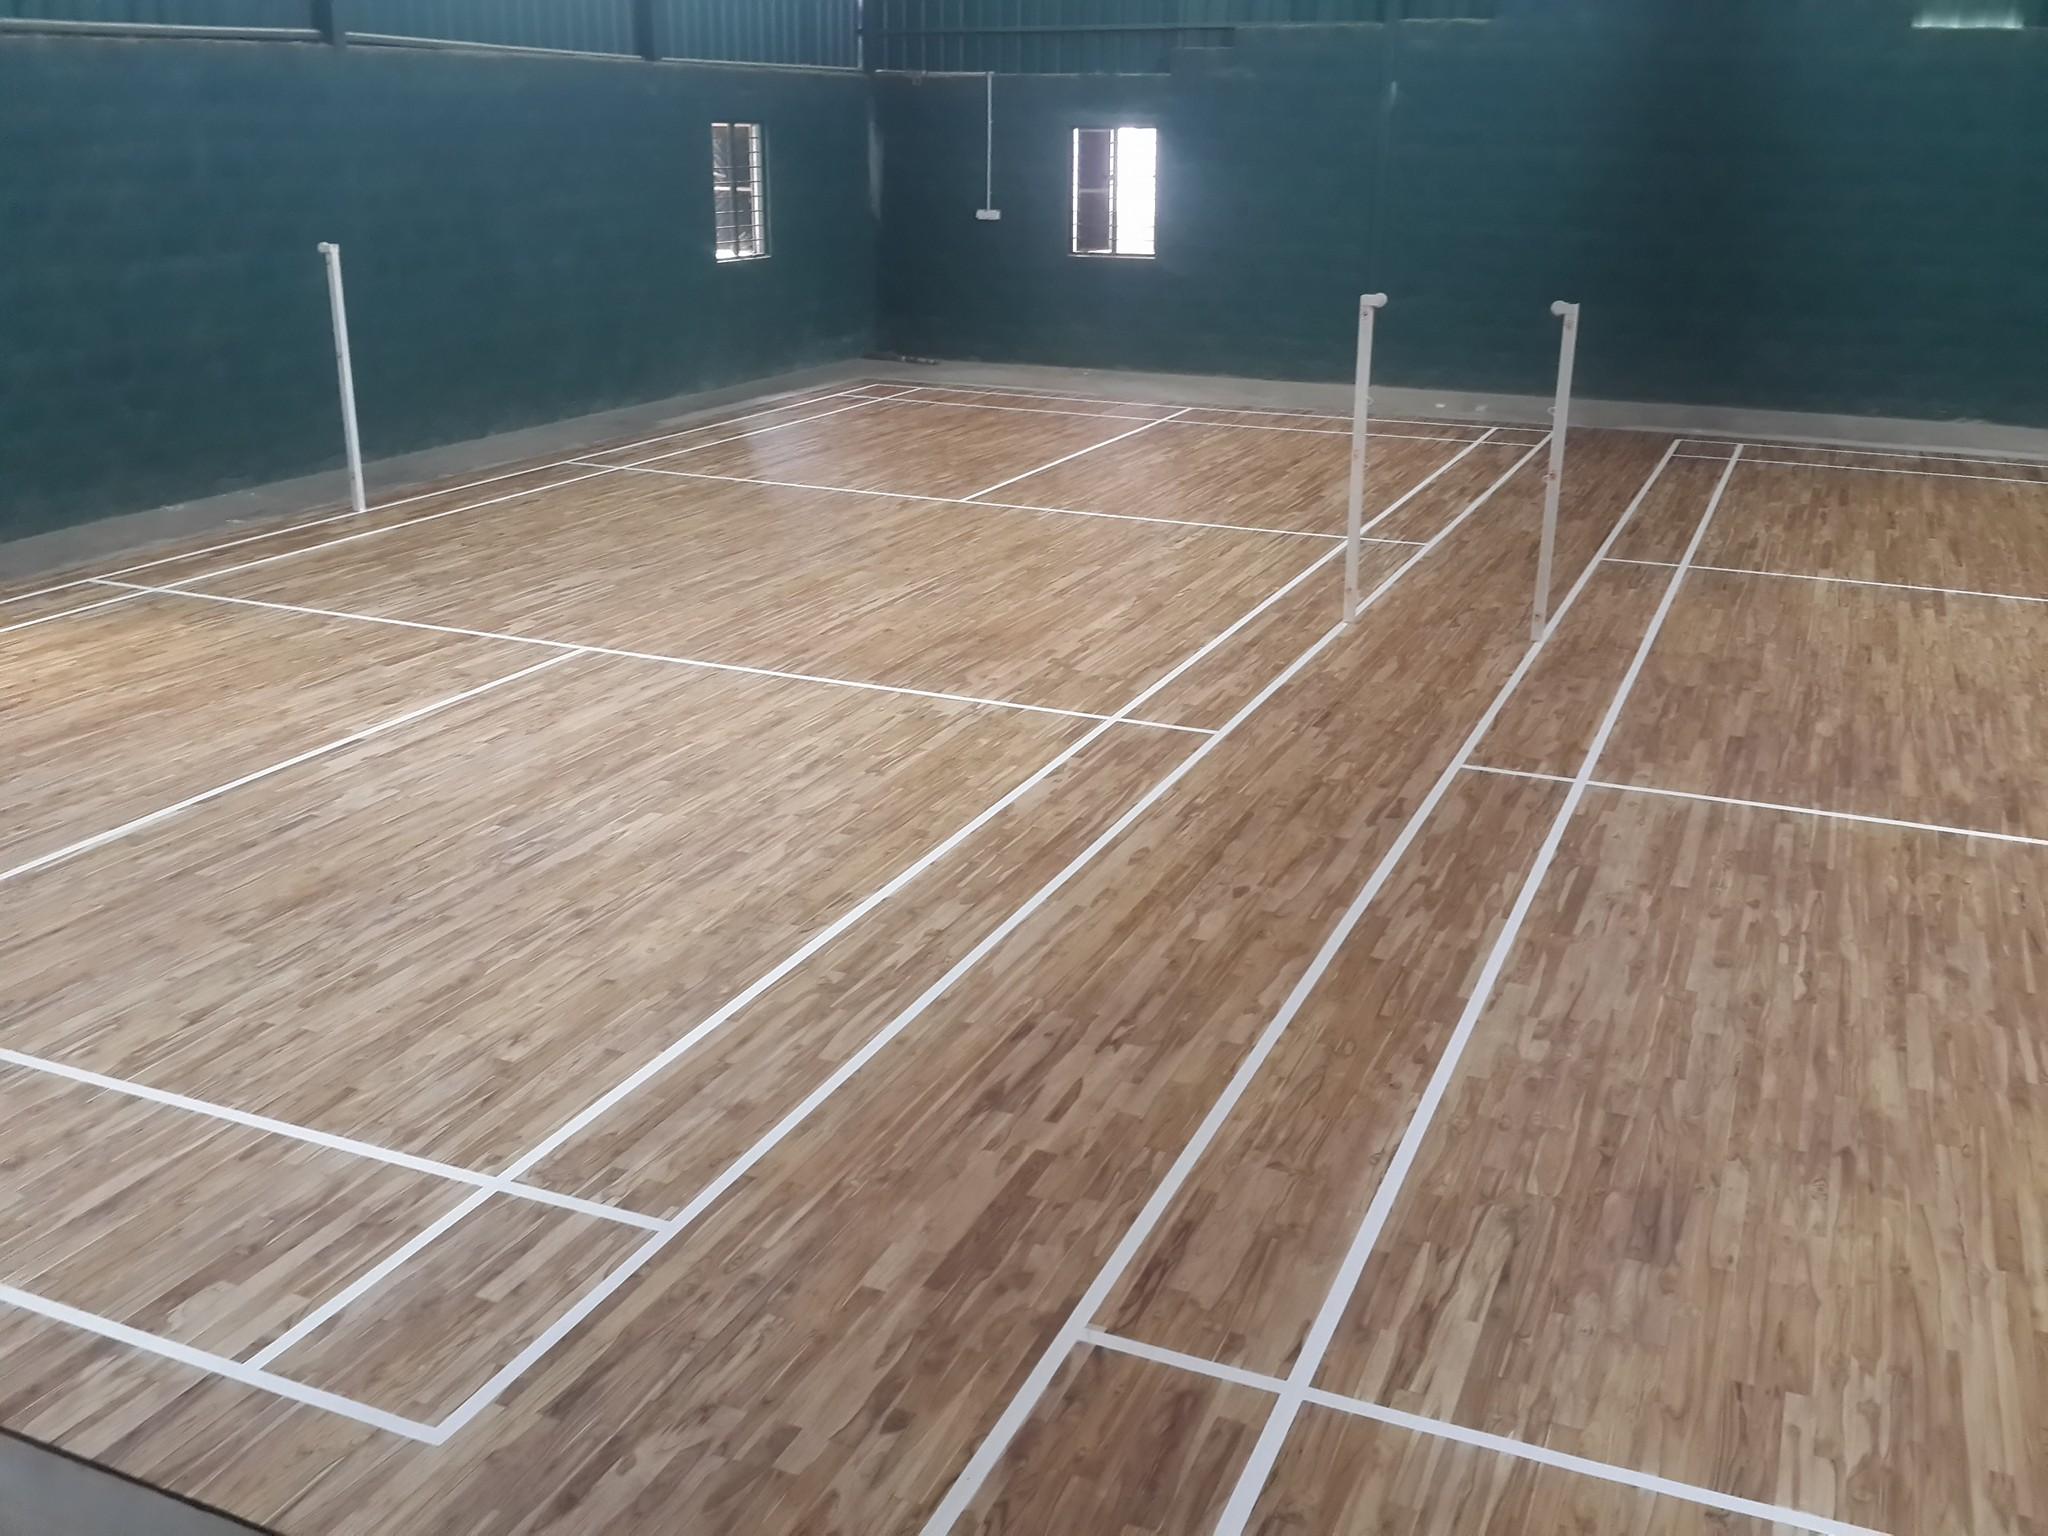 Teak floor in India KreedOn